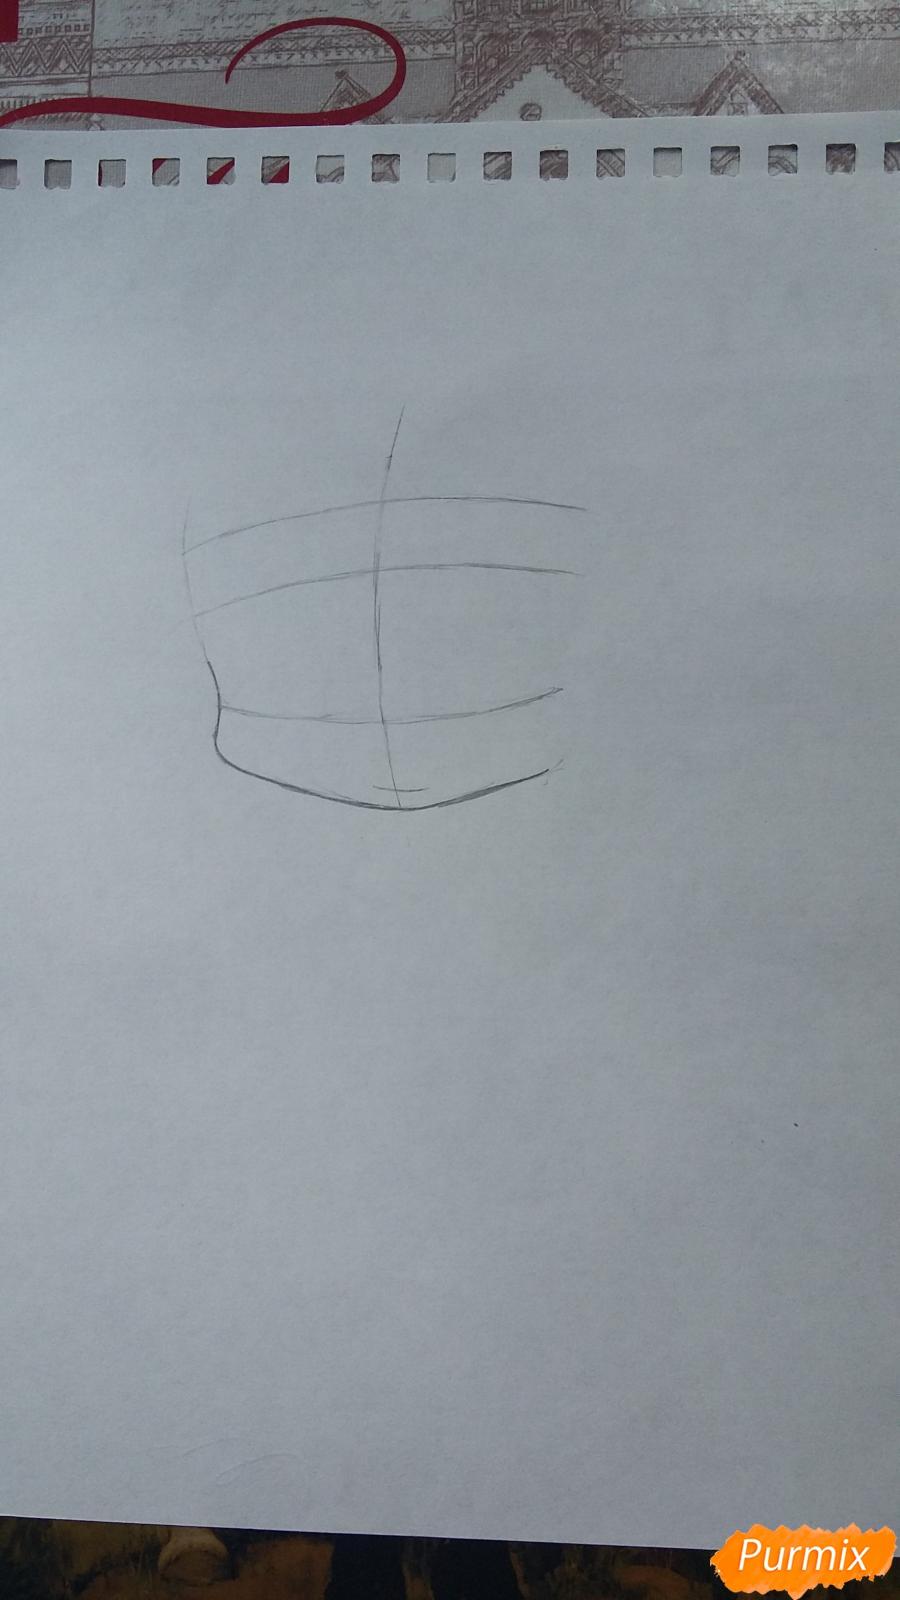 Как нарисовать Томоэ в стиле чиби из аниме Очень приятно, Бог  - шаг 1